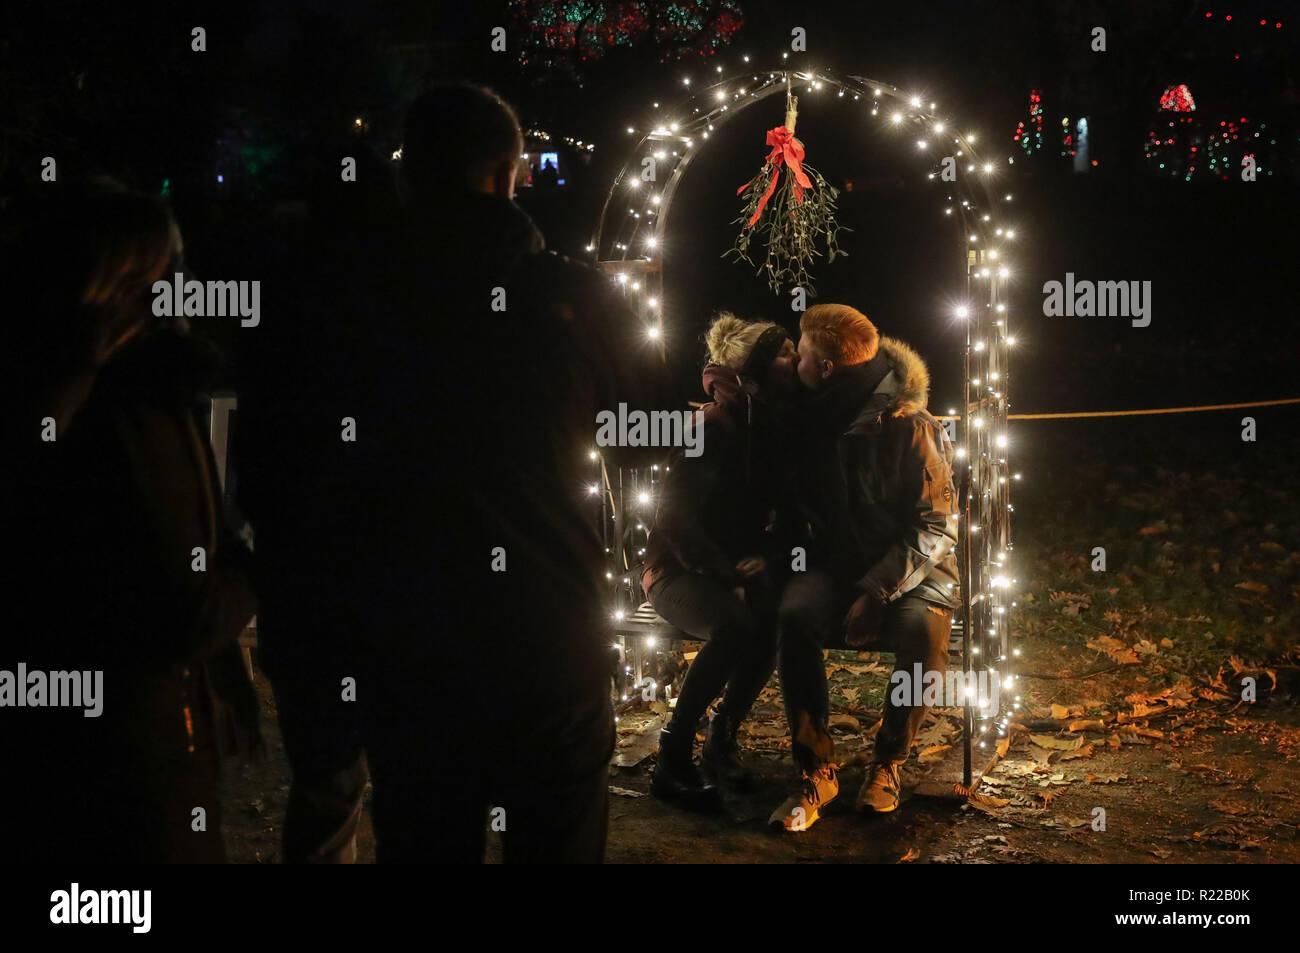 Weihnachten 2019 Berlin.Berlin 07 11 15 6 Januar 2019 Ein Paar Posieren Für Fotos Unter